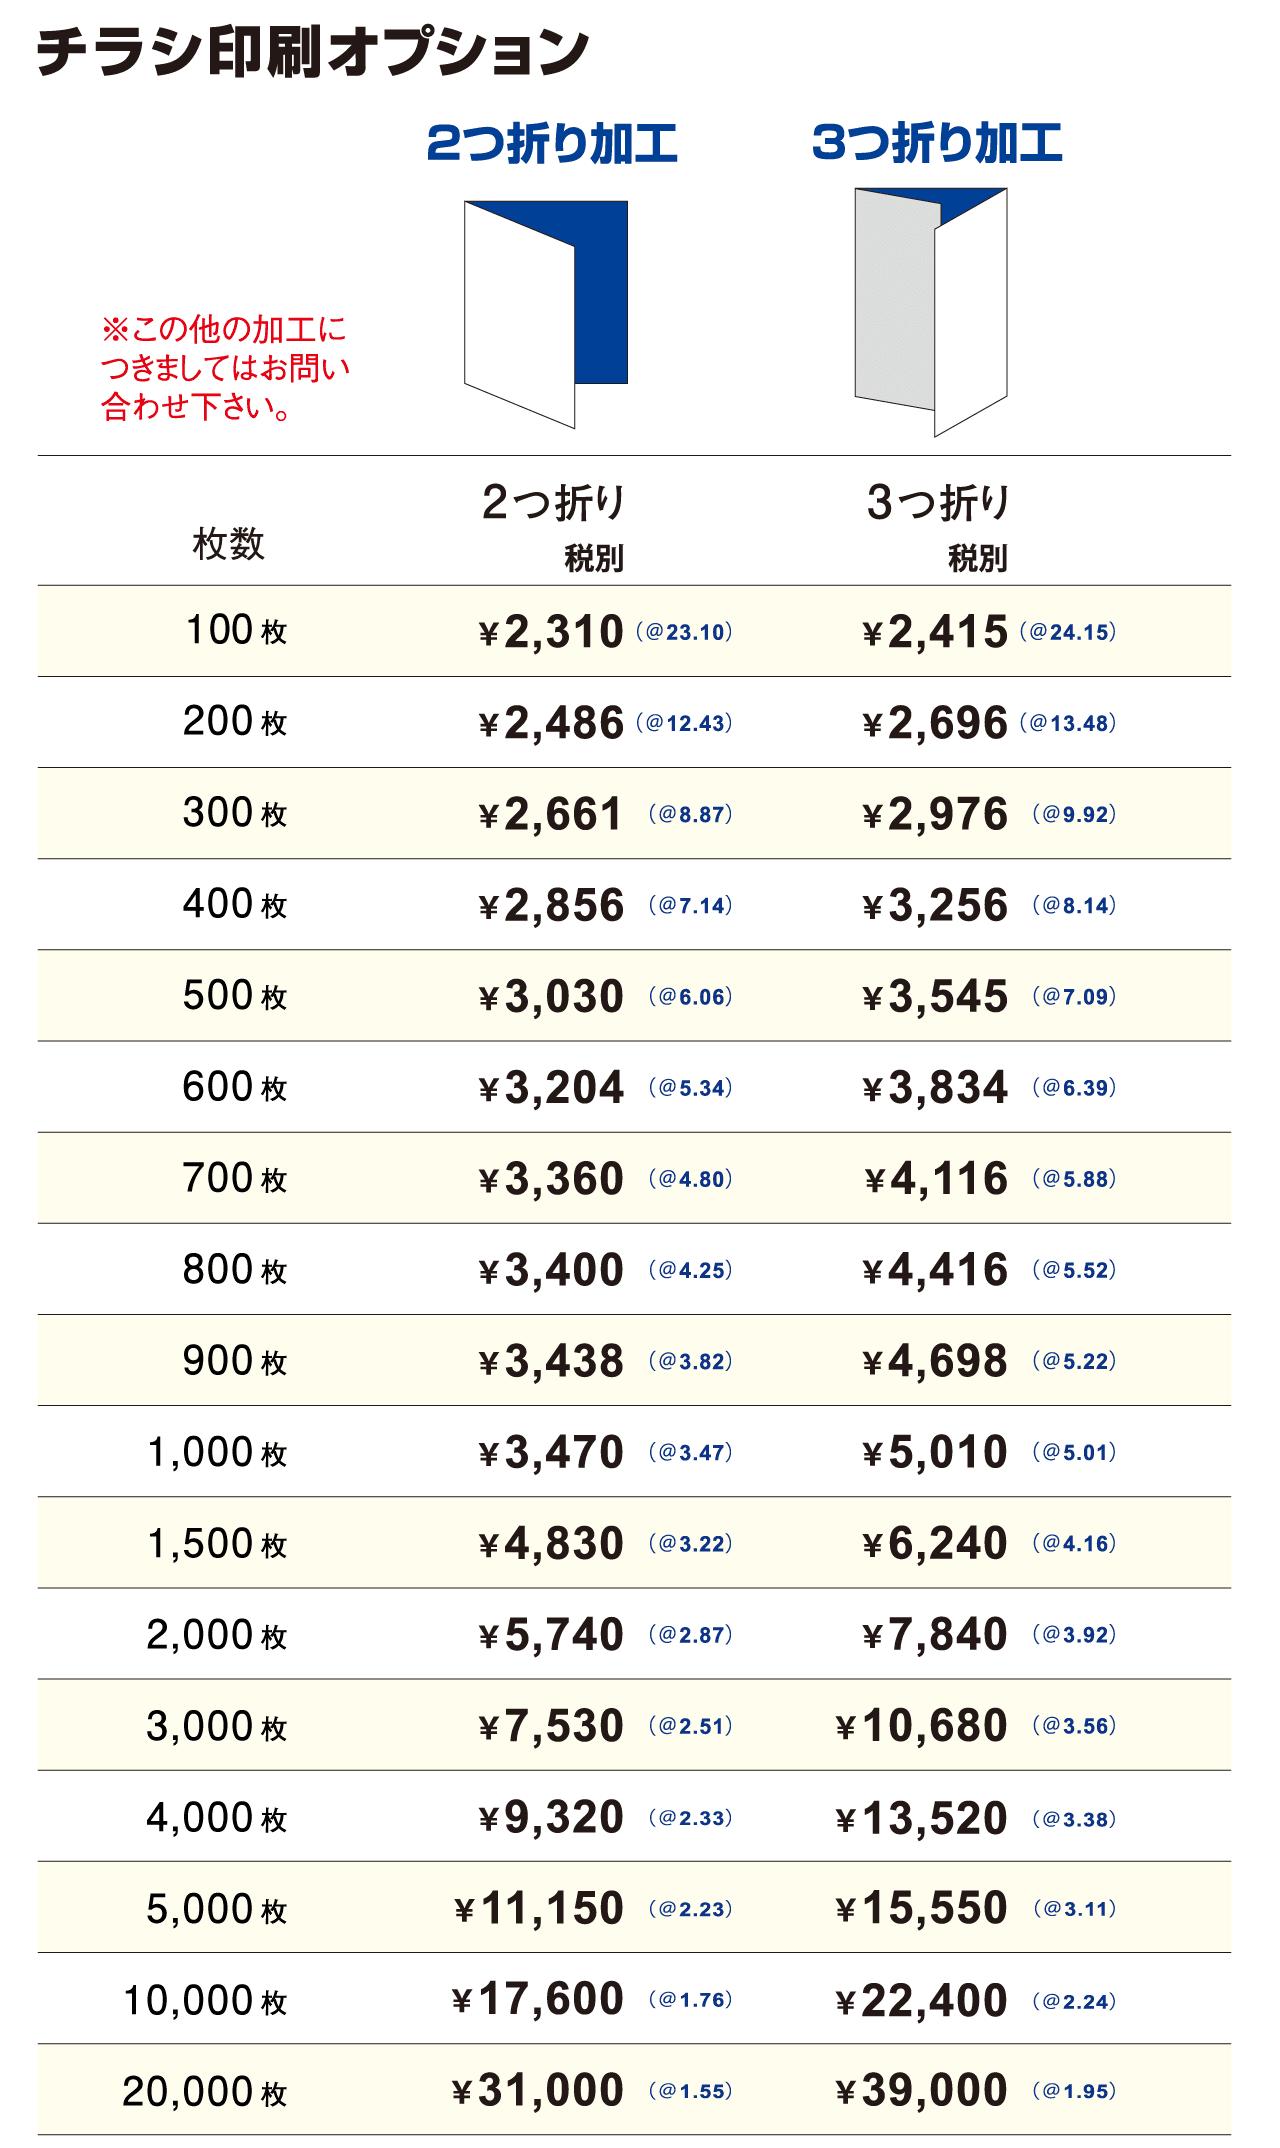 フルカラーチラシ印刷オプション料金表